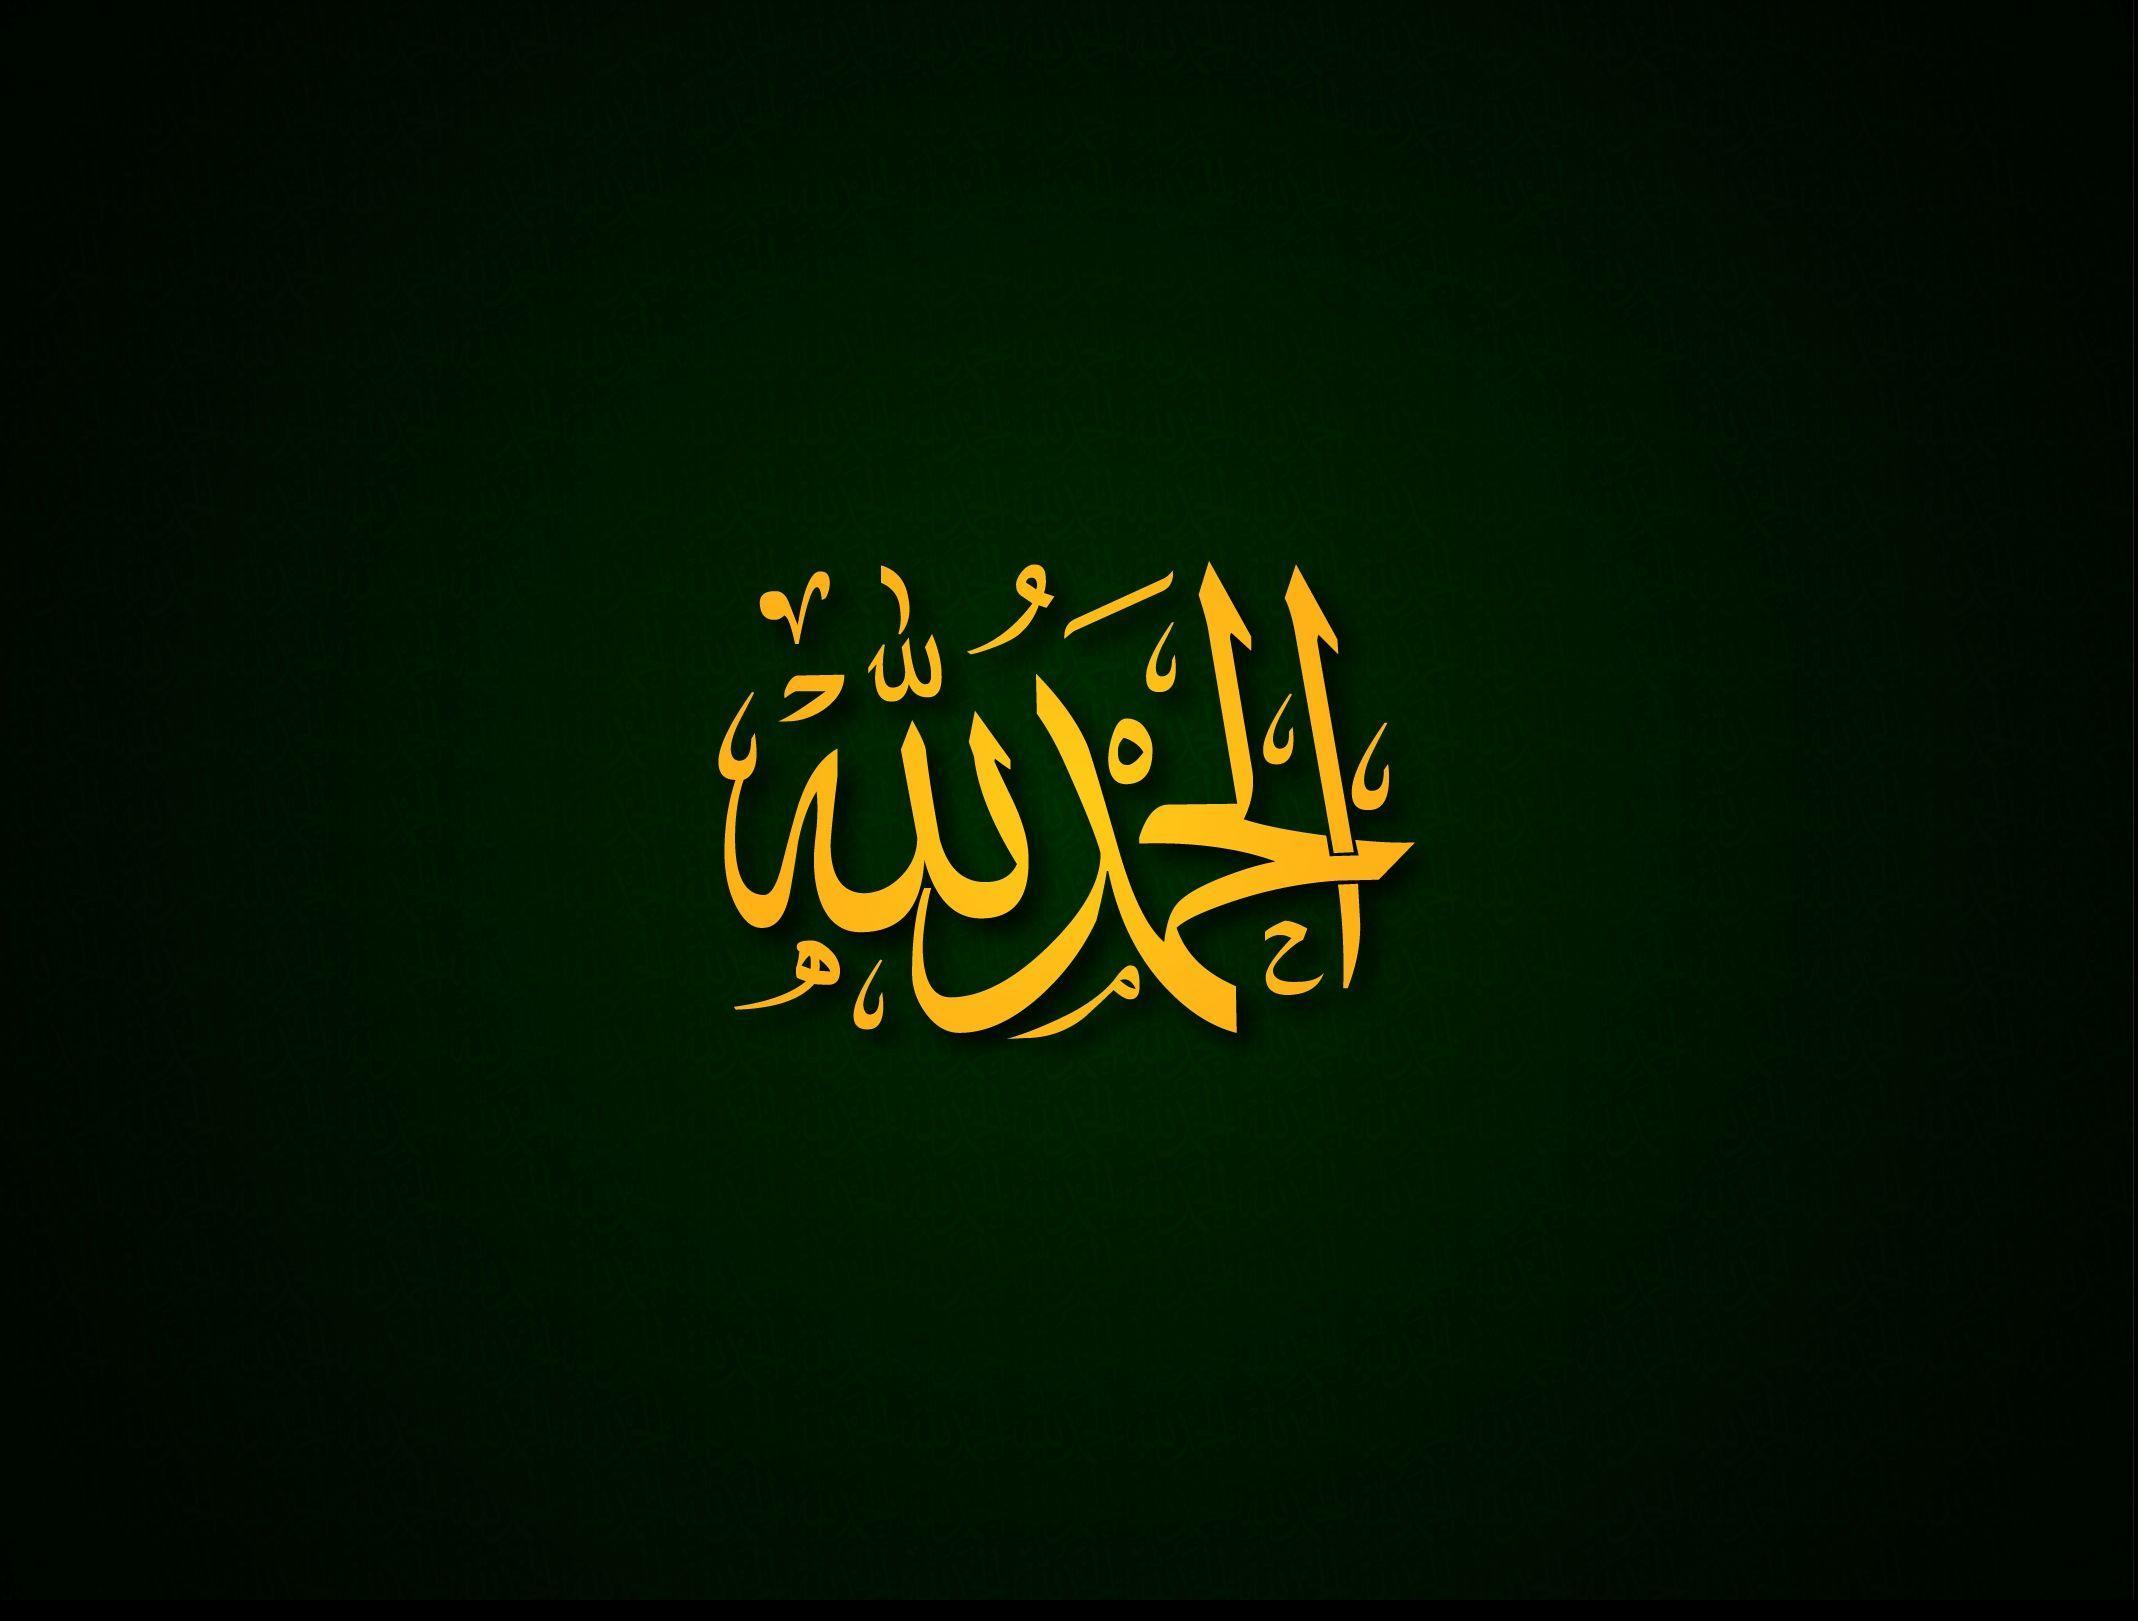 2138x1621 Thư pháp đẹp Hình nền Hồi giáo Hình nền HD